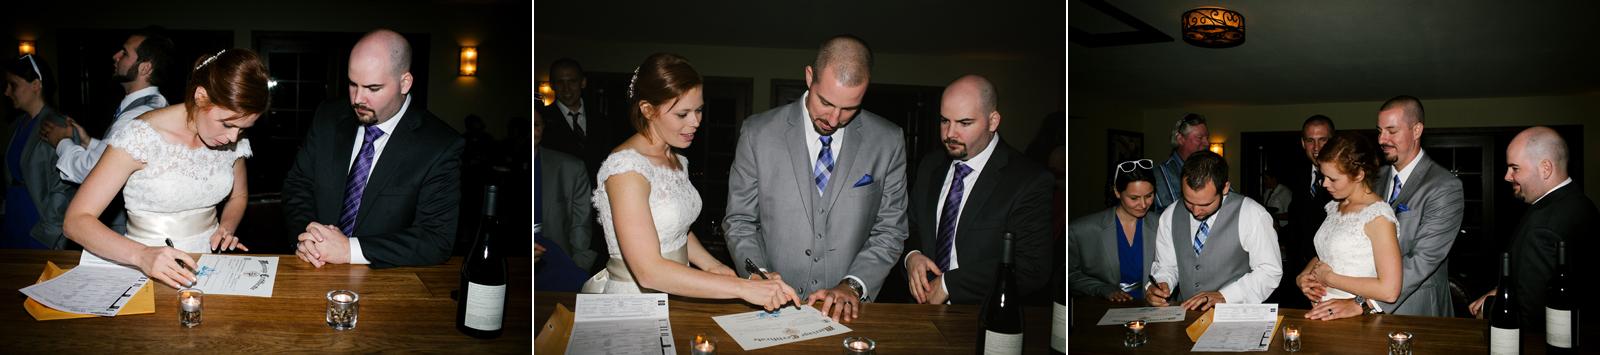 084-daronjackson-rich-wedding.jpg